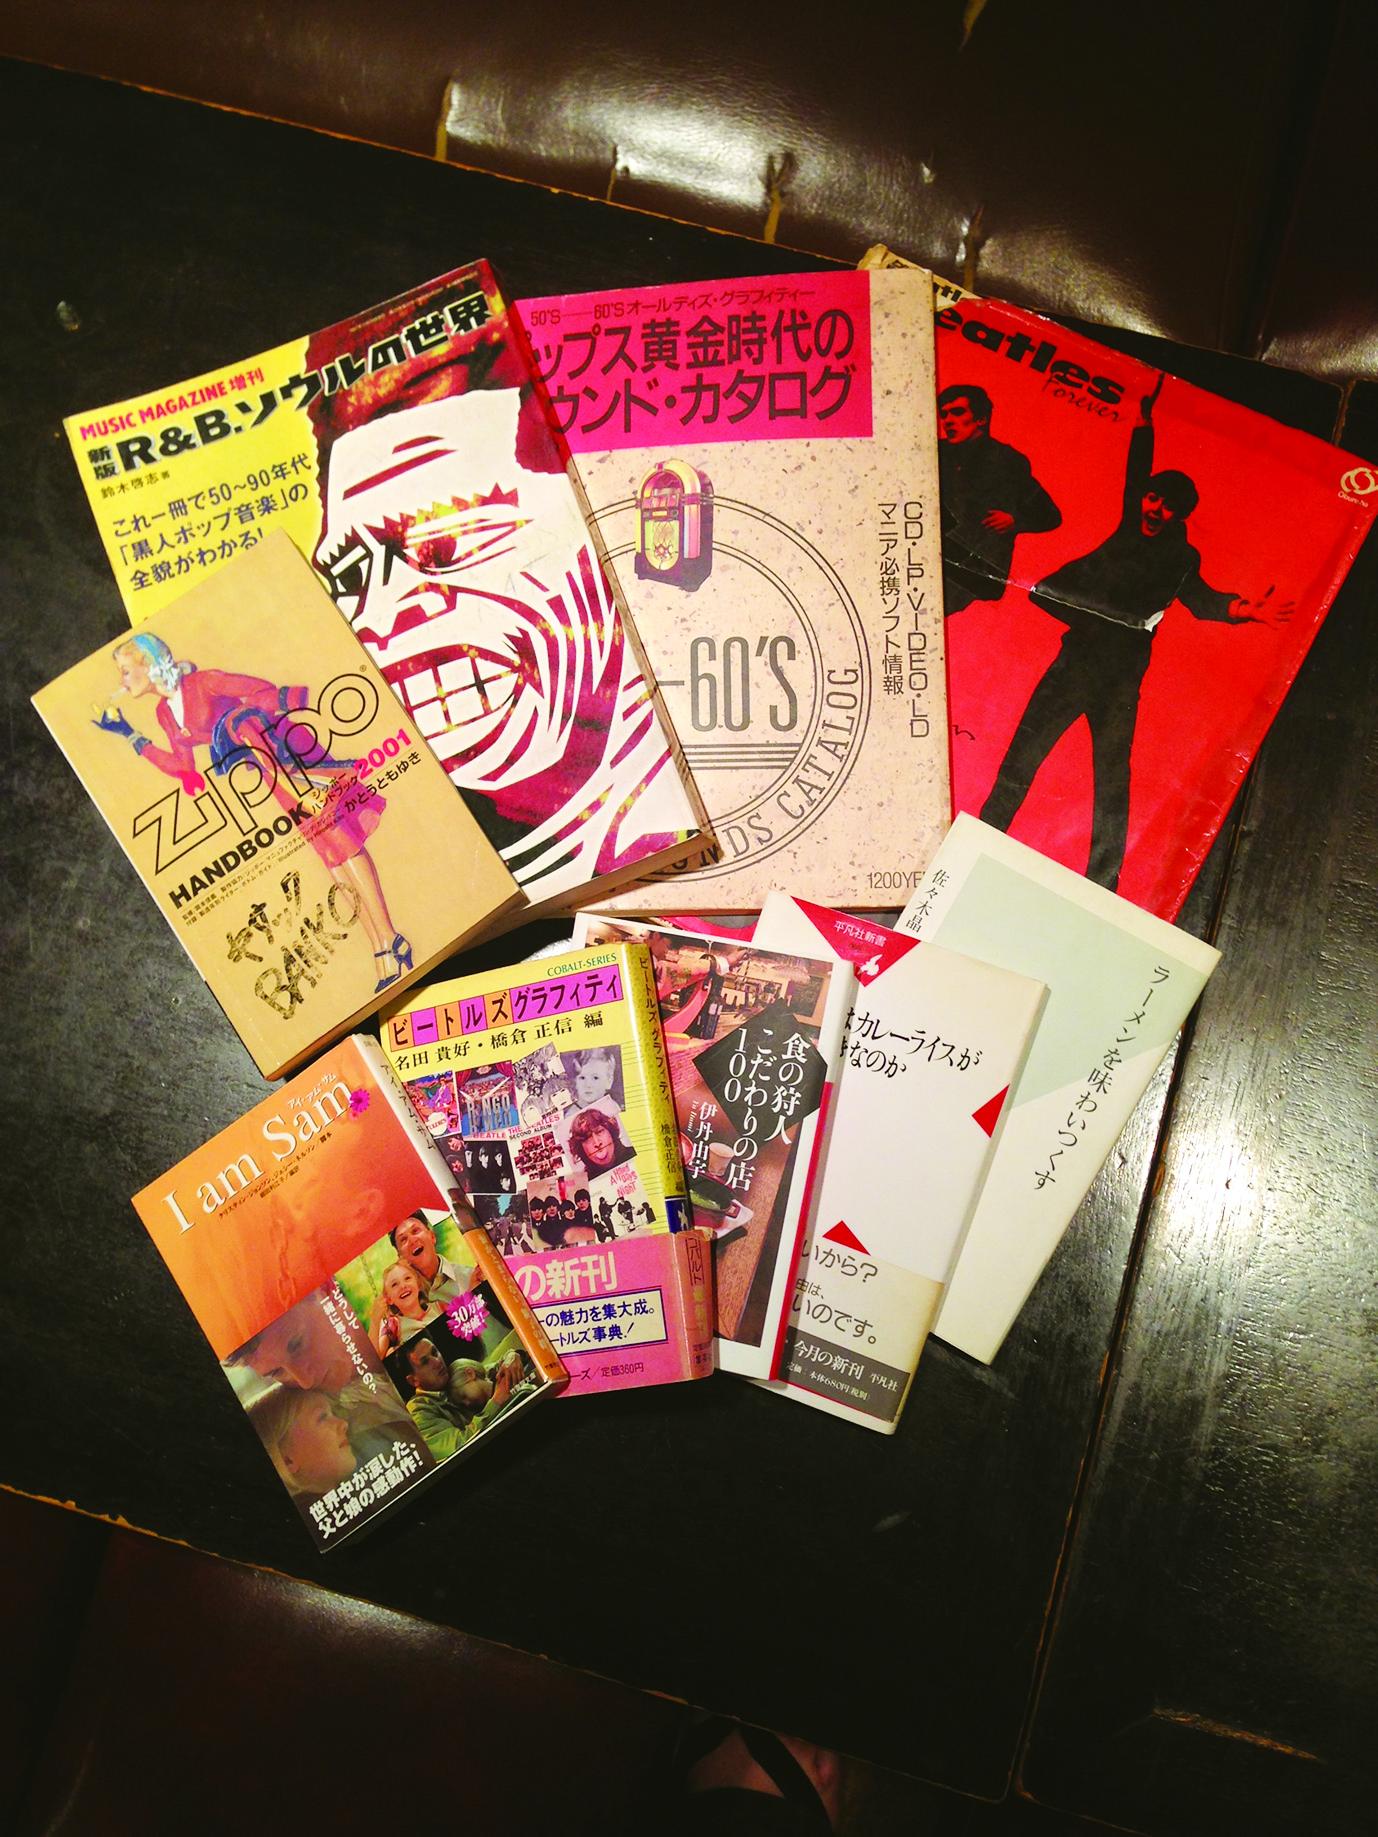 お店には、ビートルズ等音楽関連の本も多く並んでいます